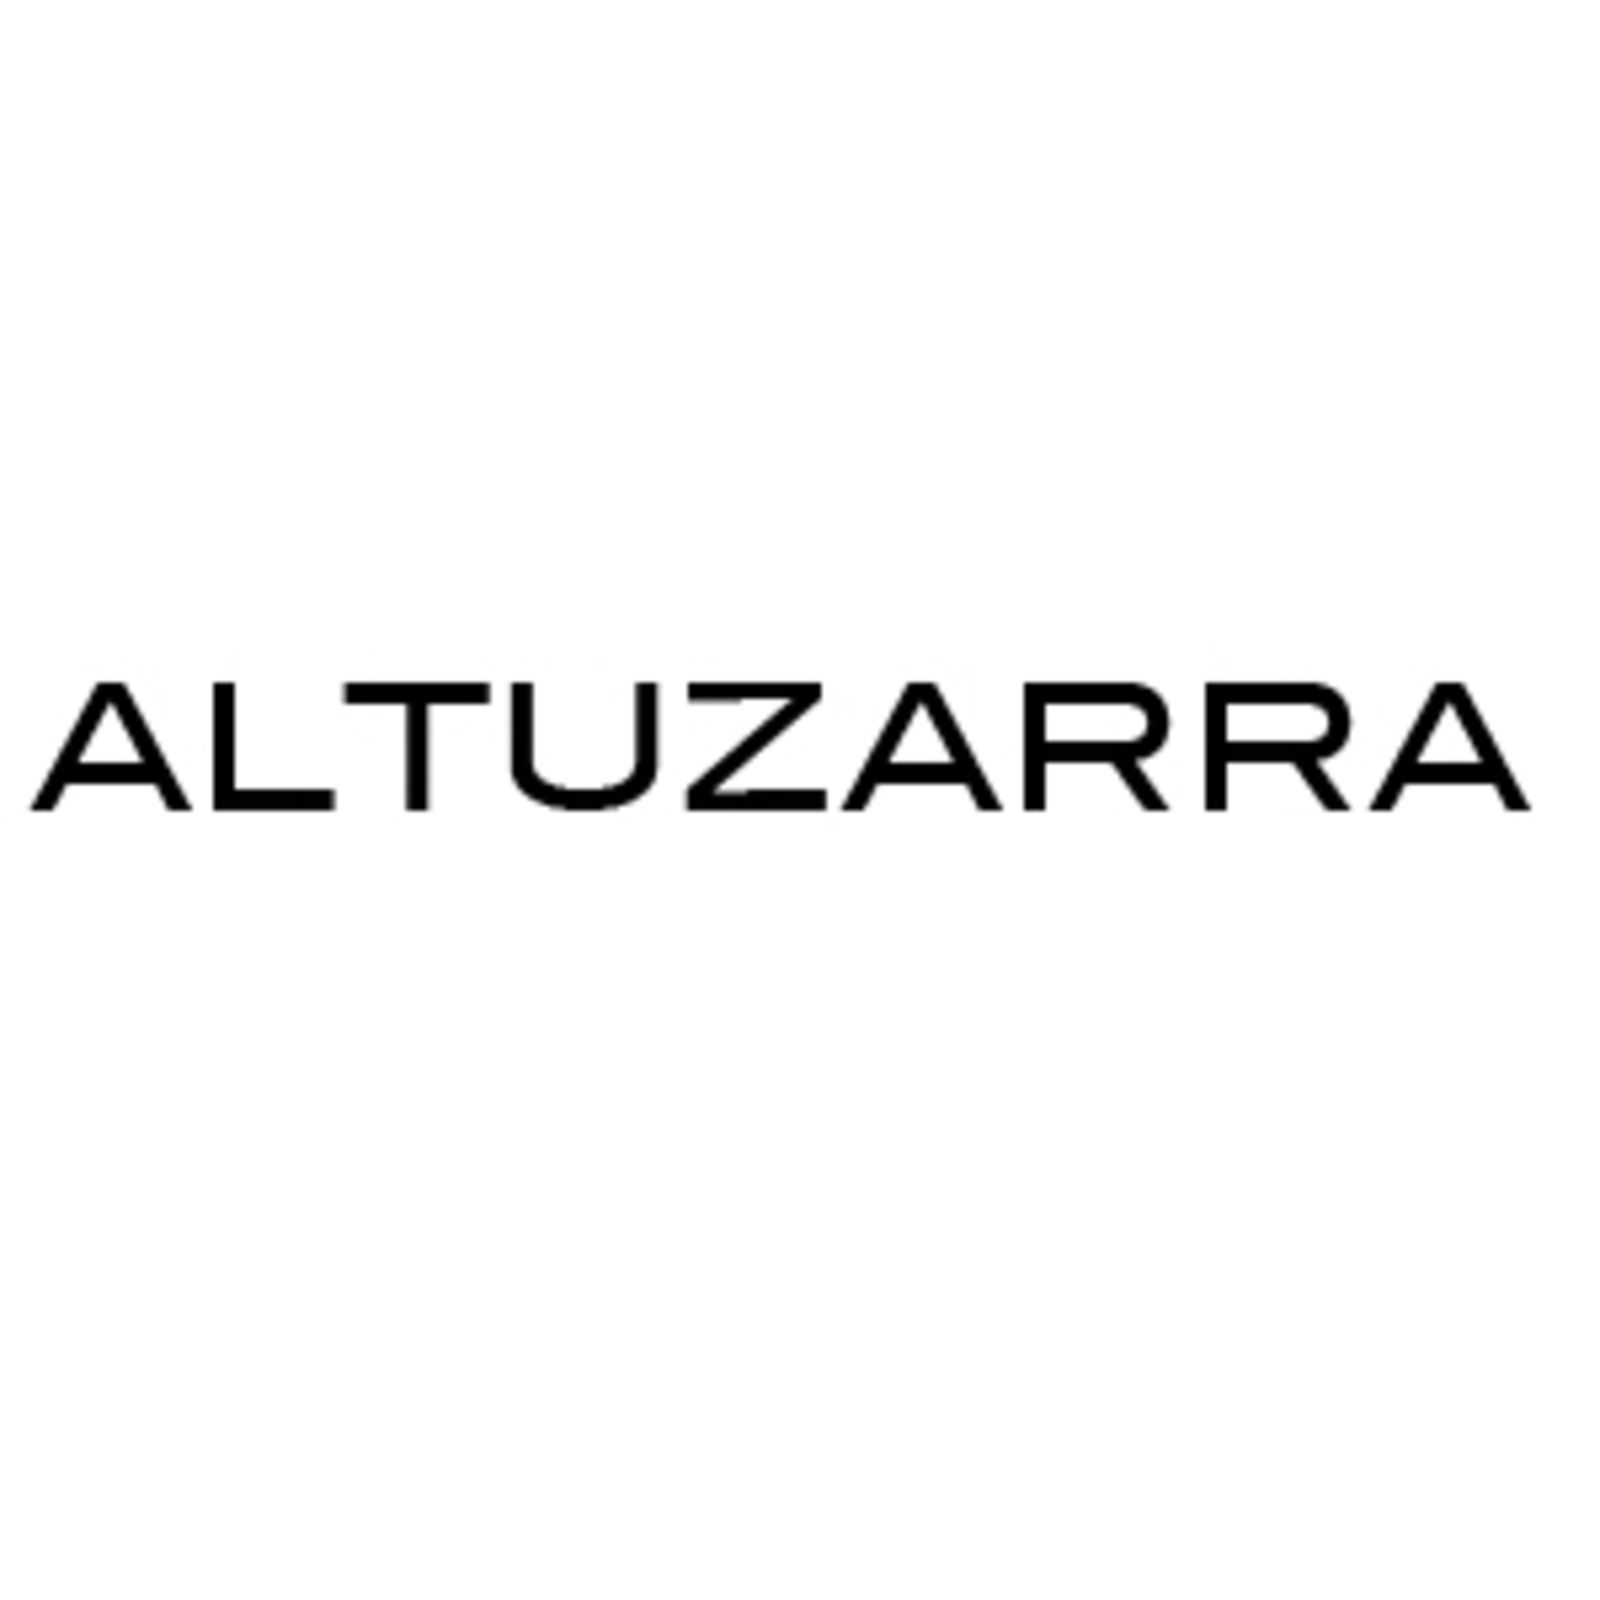 ALTUZARRA (Bild 1)